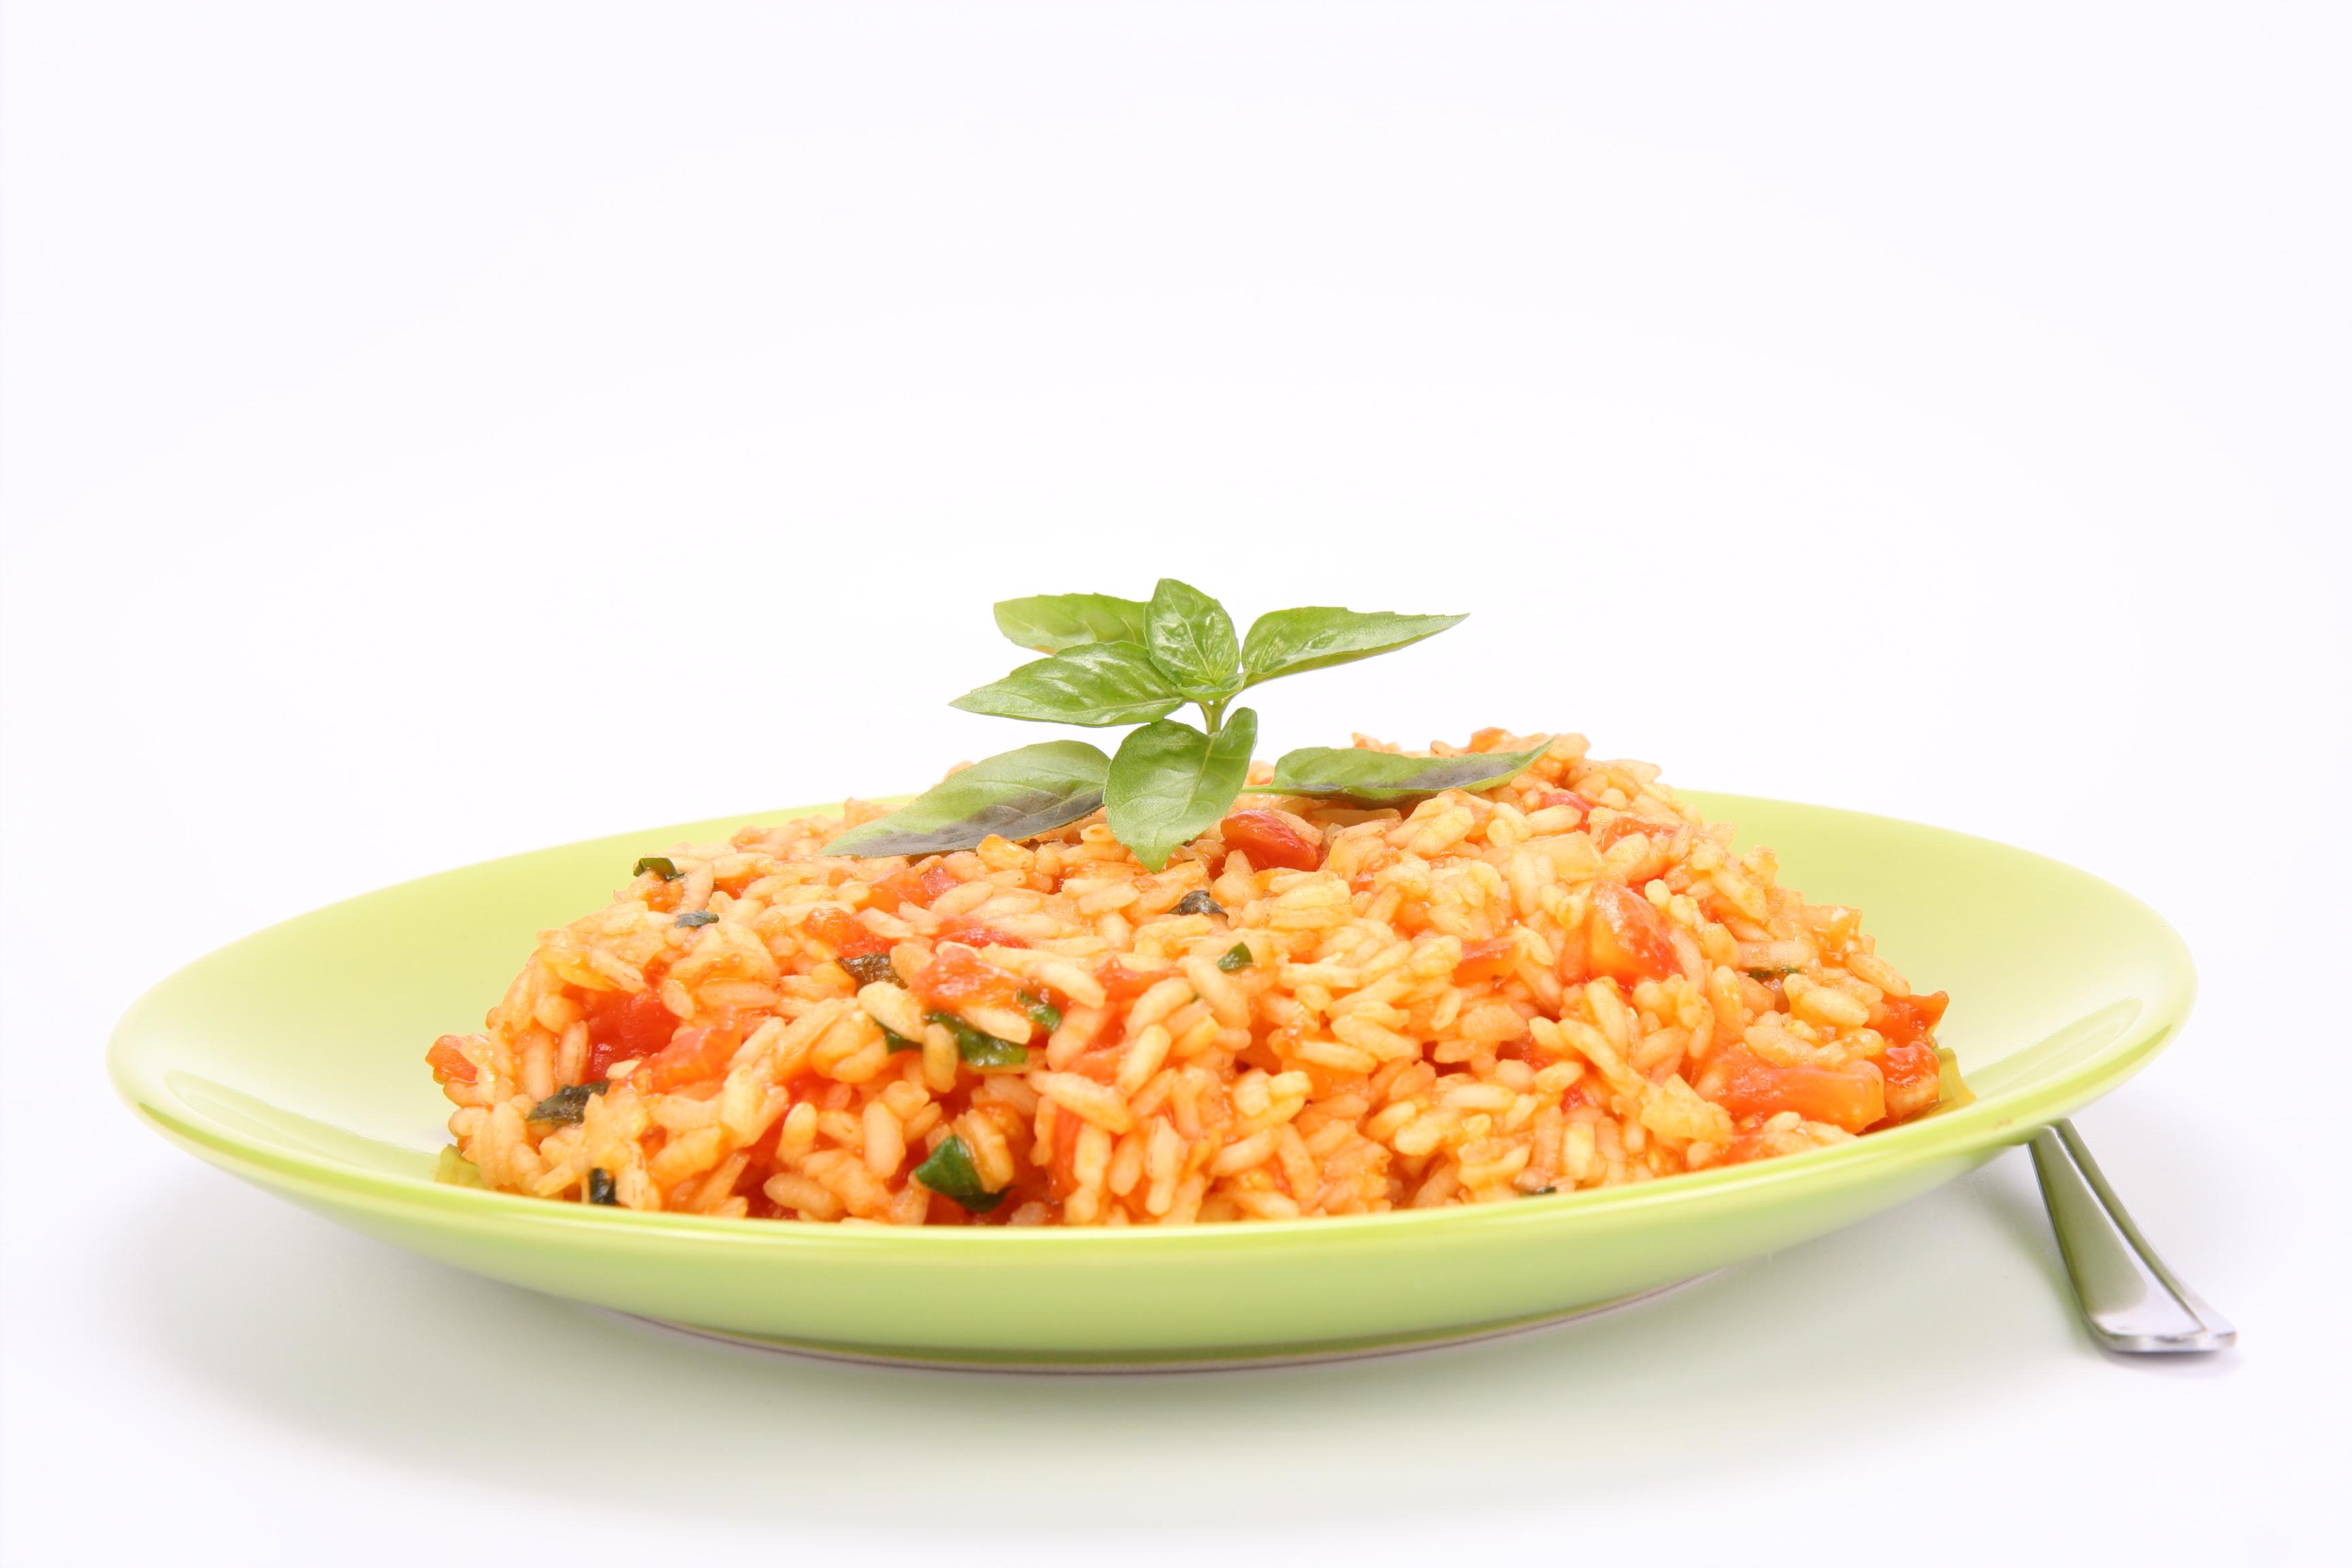 Risotto con tomate y albahaca